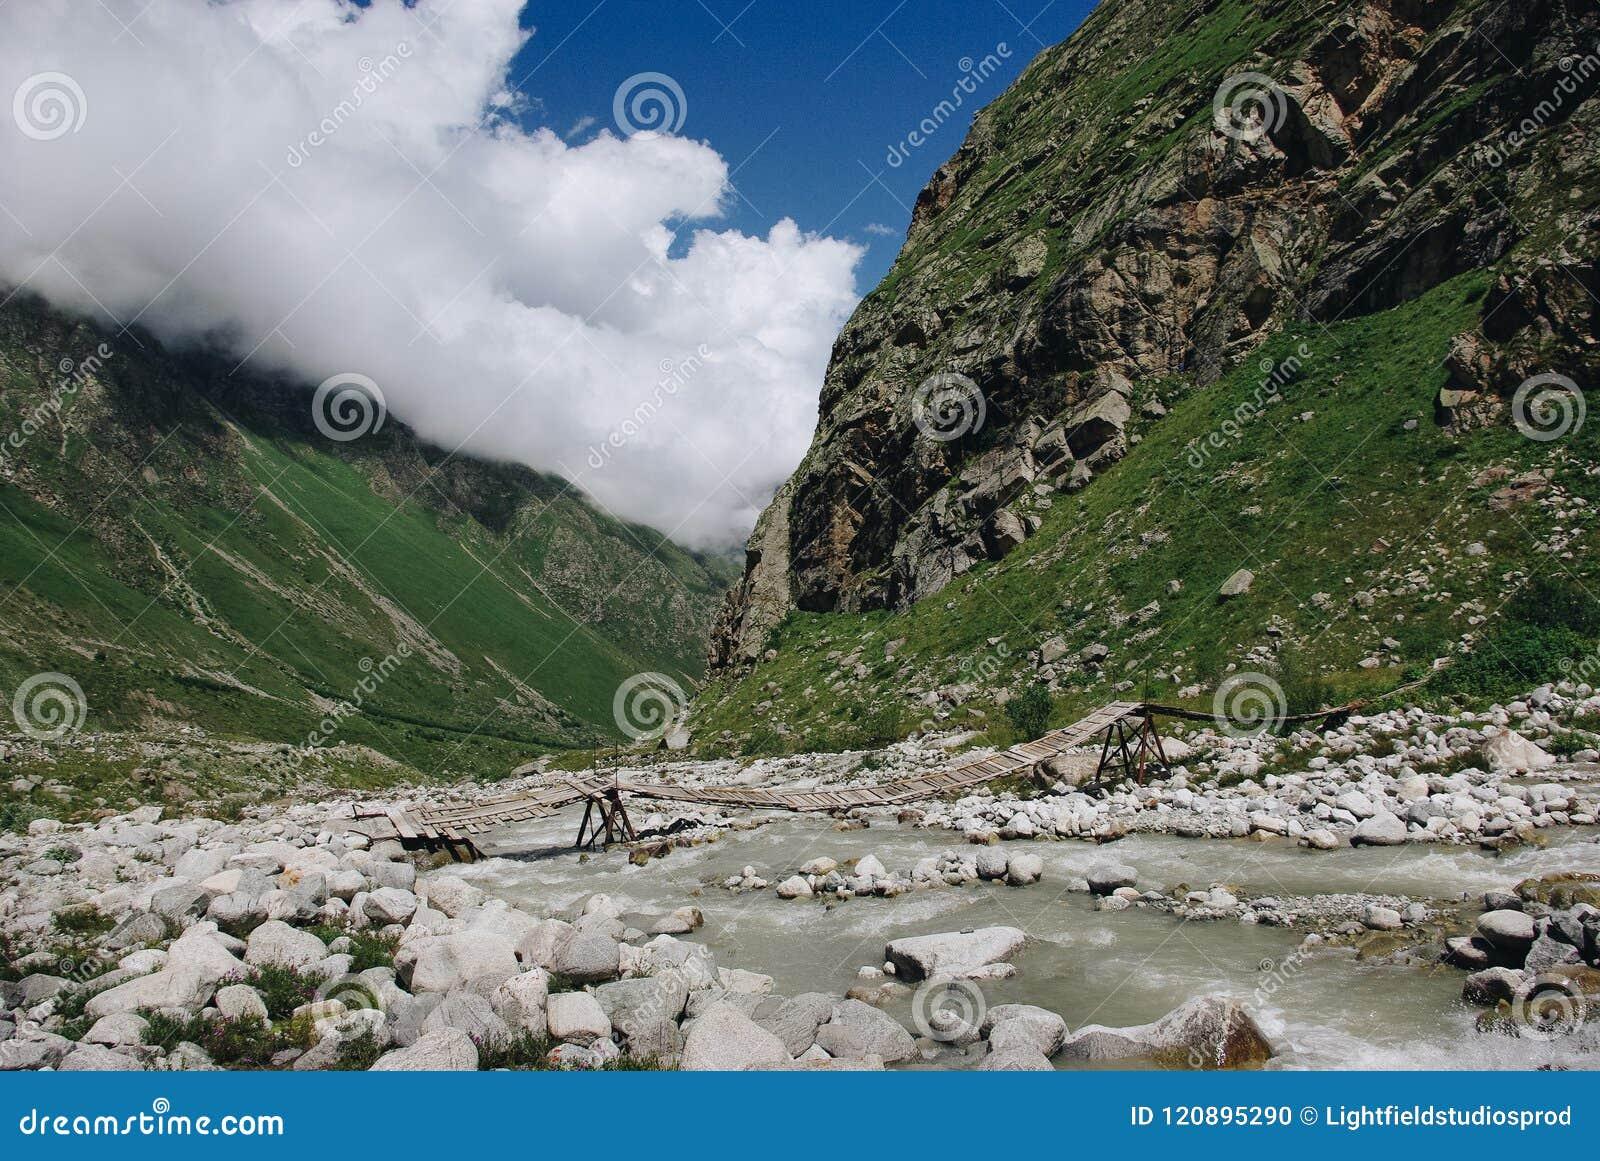 Houten brug en bergrivier, Russische Federatie, de Kaukasus,